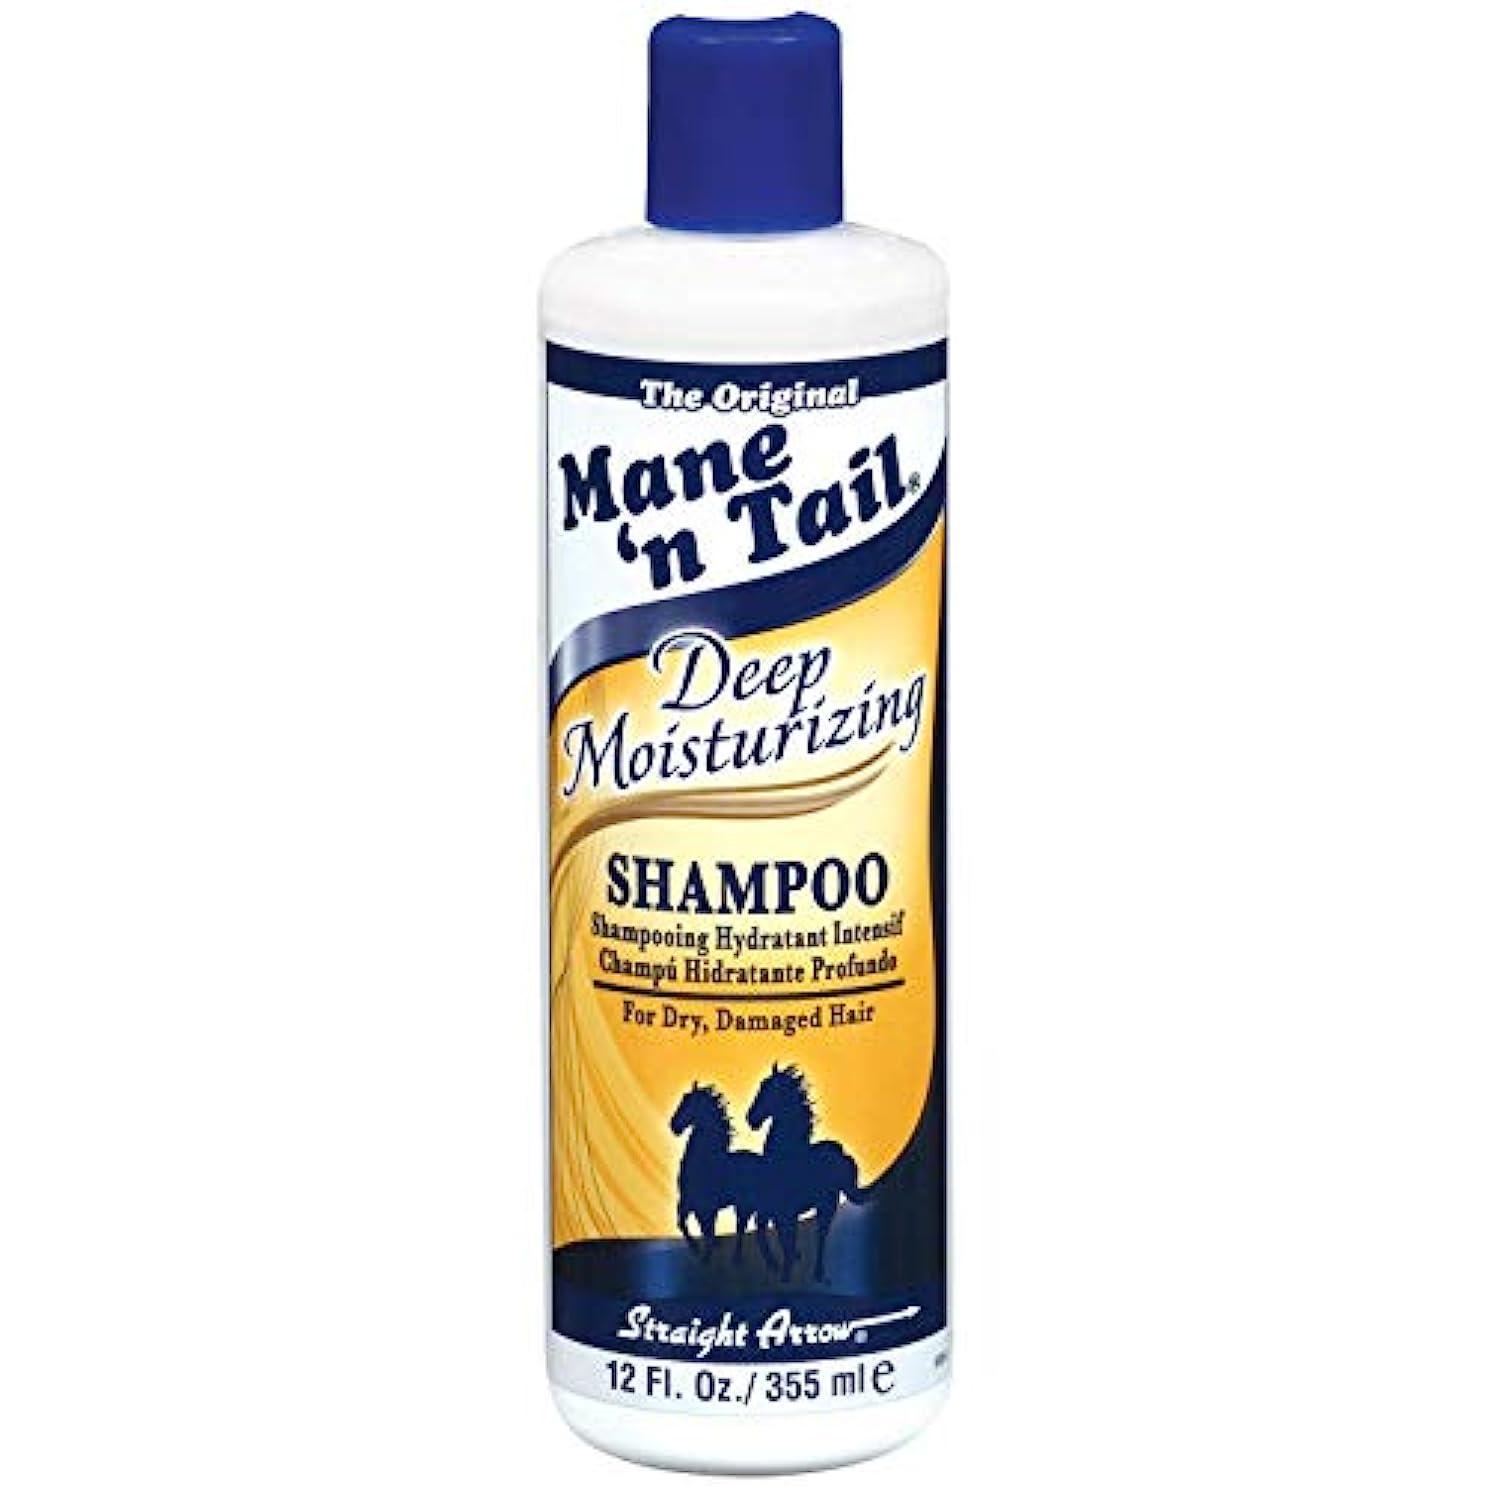 痴漢加害者病者(馬のたてがみ メインテイル ディープ モイスチャライジング 乾燥髪?傷んだ髪用 シャンプー)Mane'n Tail Deep Moisturizing Shampoo (並行輸入品) [並行輸入品]